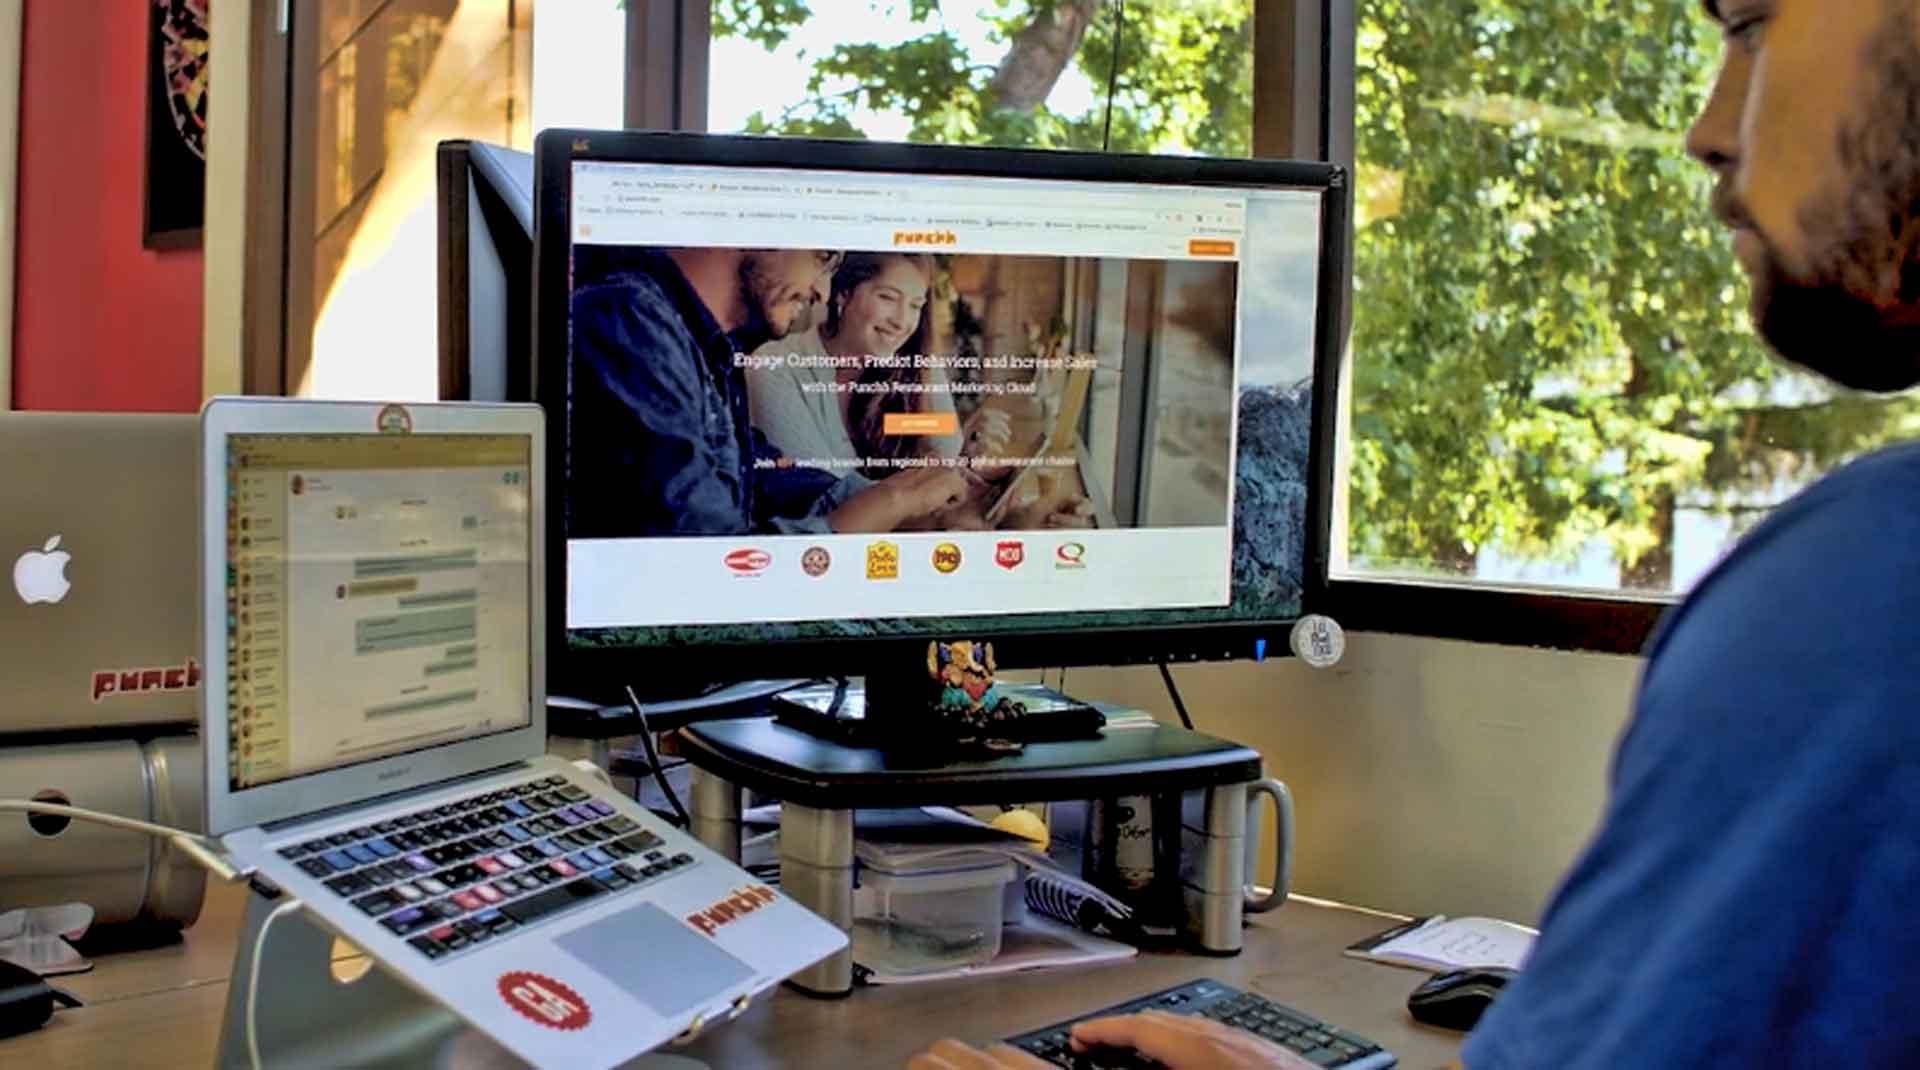 tech-app-software-video-online.jpg